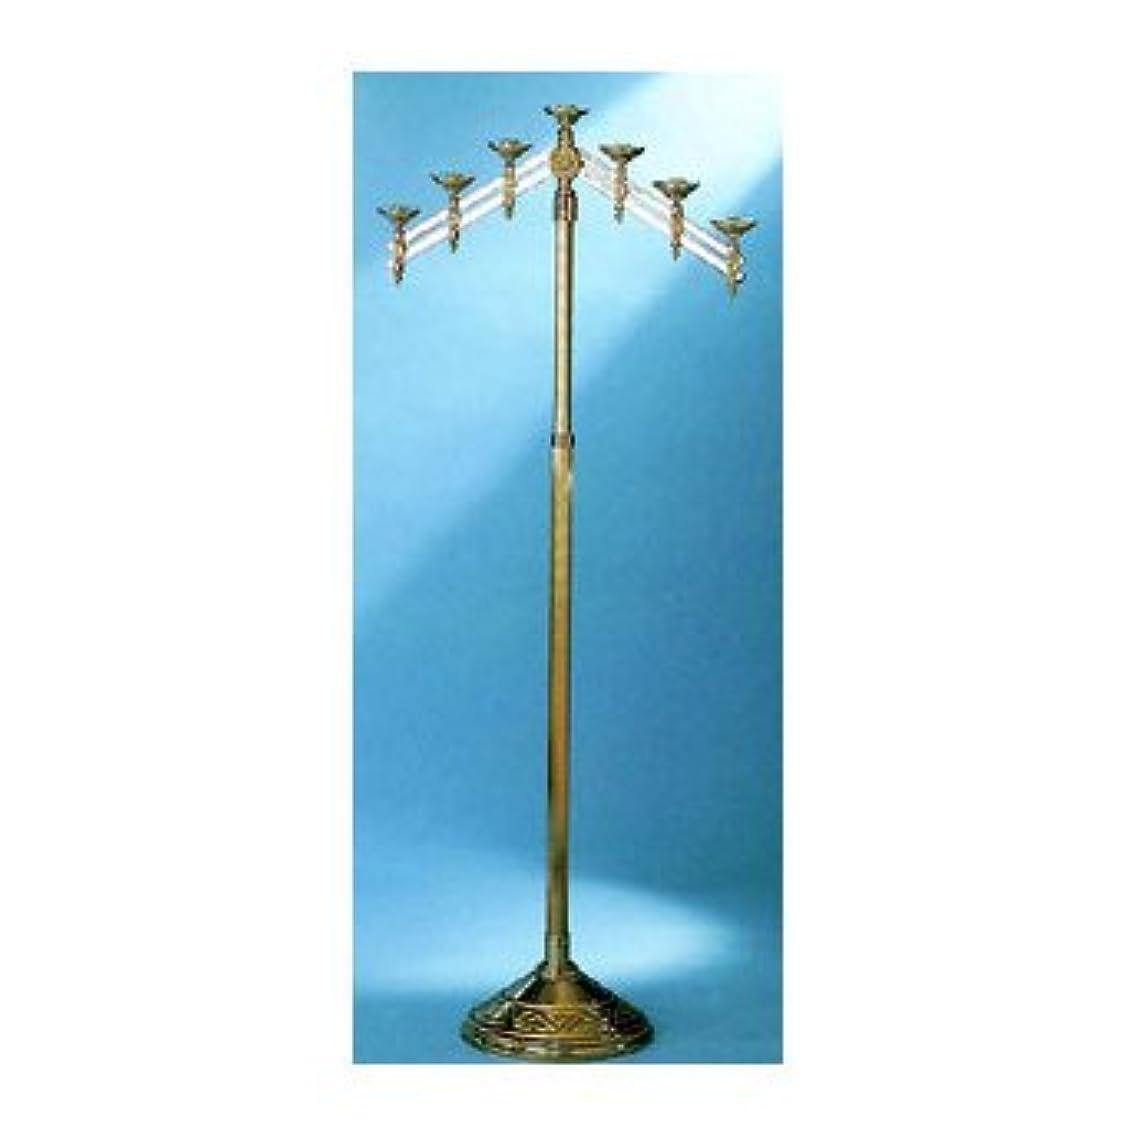 ラフ睡眠マイナーキャンバス教会床燭台with Adjustable Arms Metal Finish: 7-Lite, High Polish Bronze 24012-7-BZ